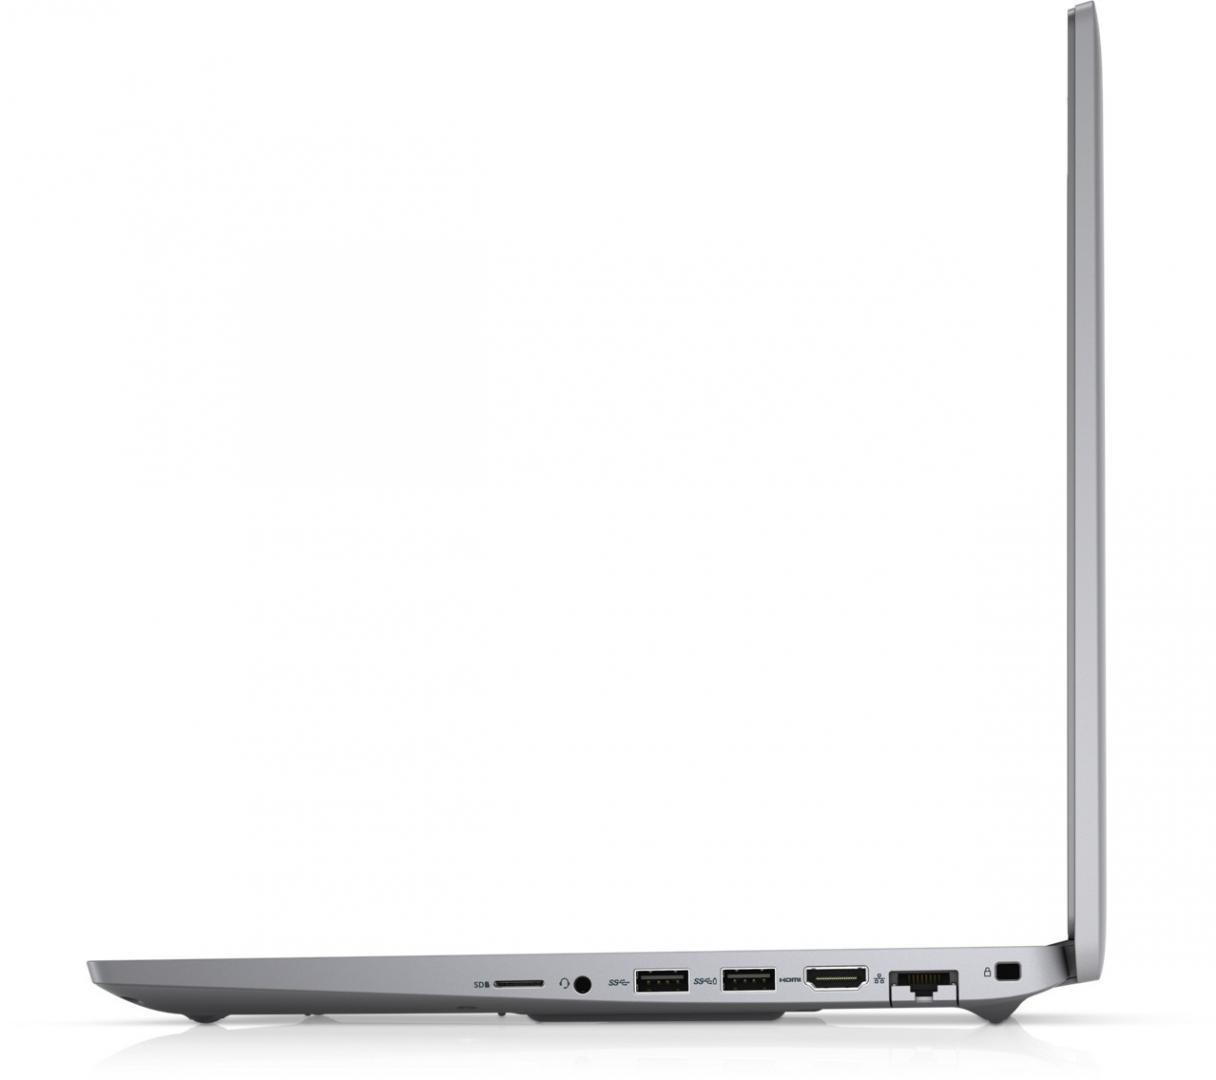 """Workstation Dell Mobile Precision 3560, 15.6"""" FHD, i7-1165G7, 16GB, 512GB SSD, Nvidia T500, W10 Pro - imaginea 4"""